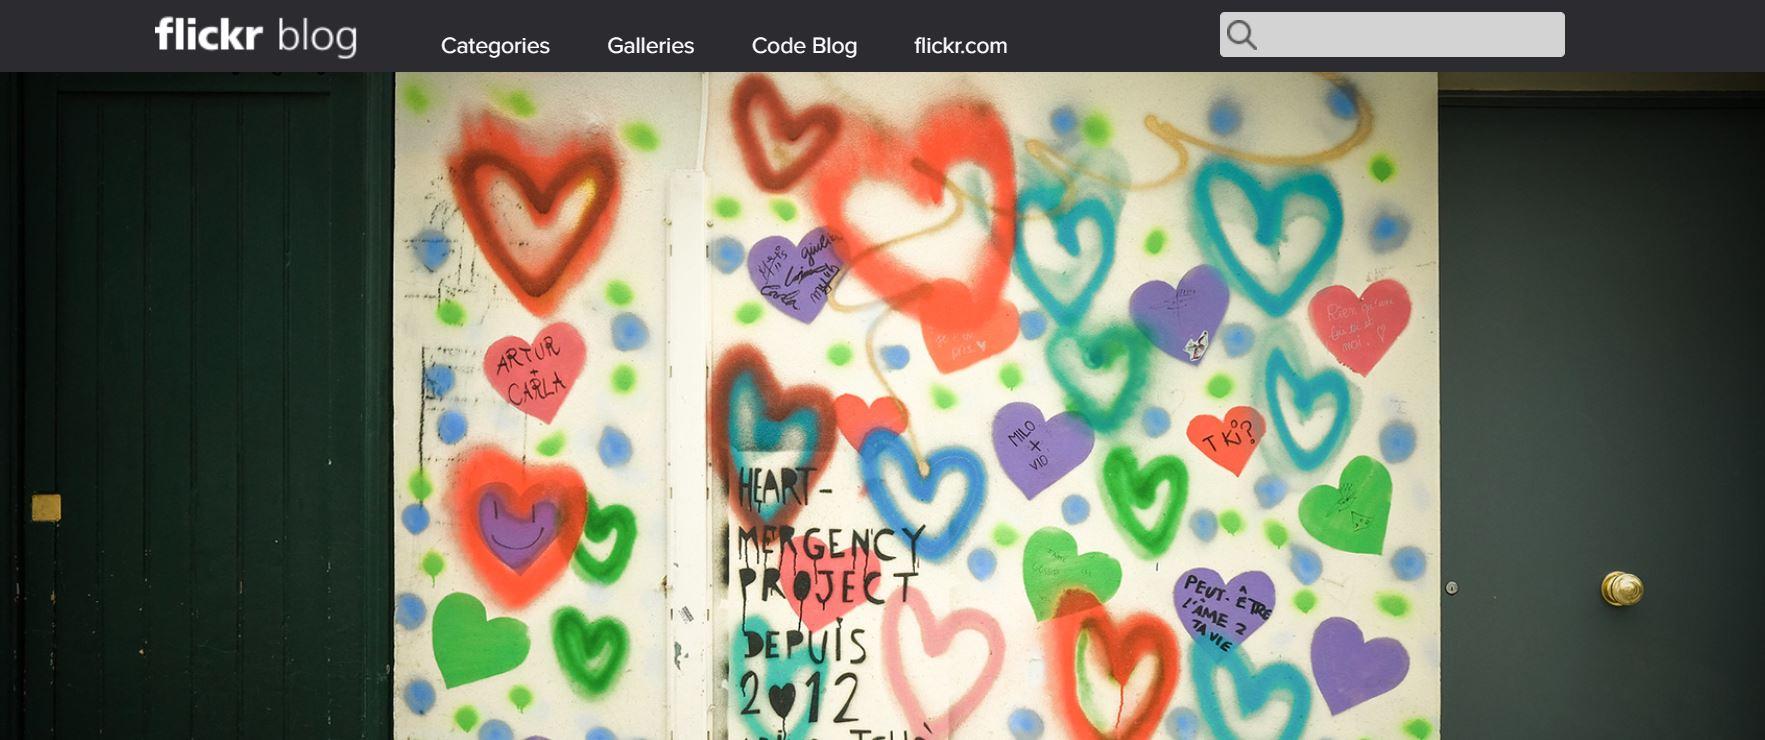 Flickr Blog